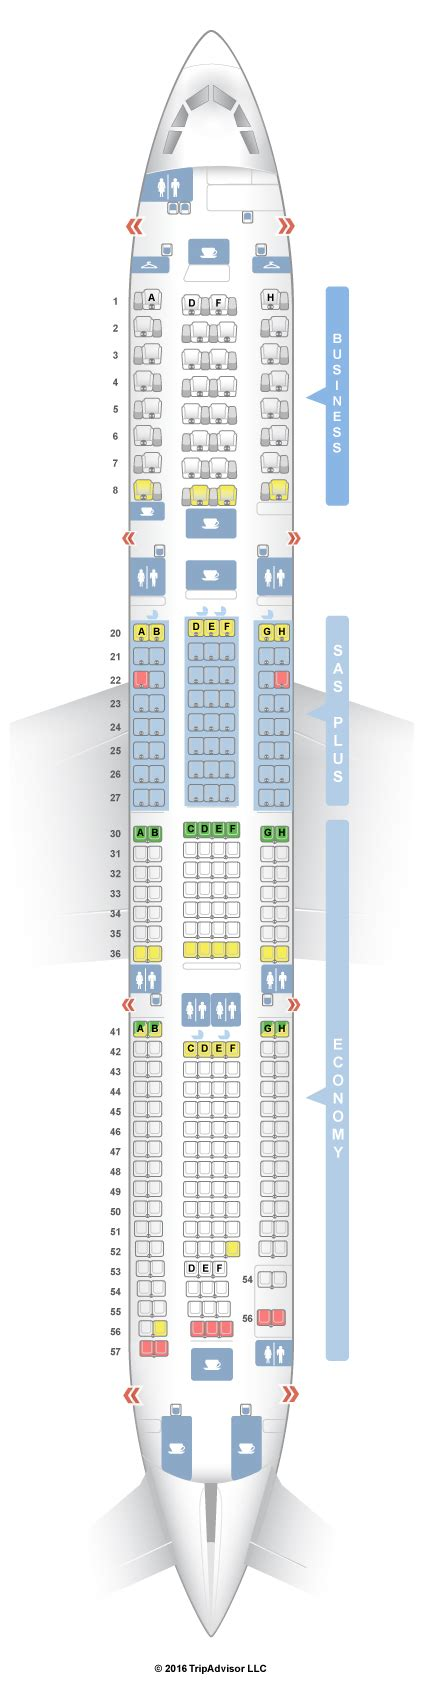 a330 seating seatguru seat map sas airbus a330 300 333